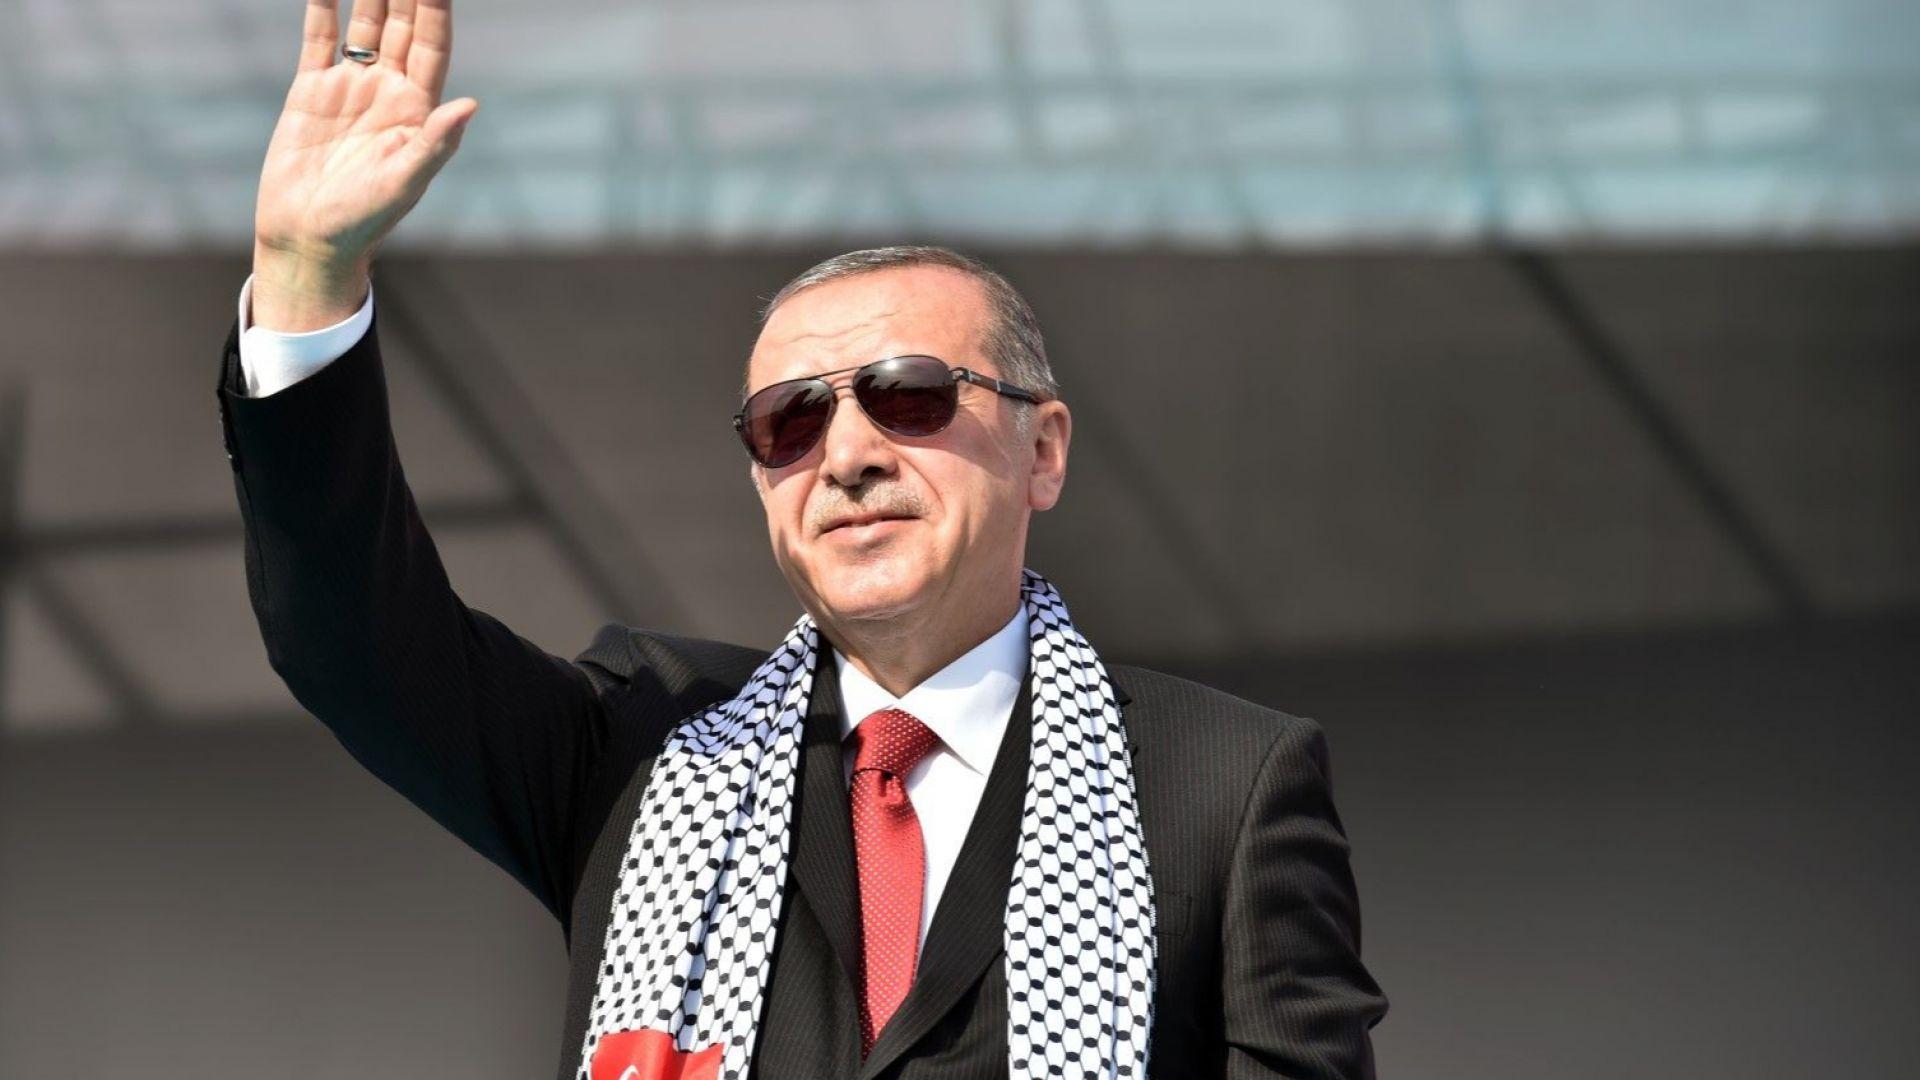 Ердоган: България се отказа от руски газопровод и това бе в наша полза. Затова Европа ще купува газ от нас